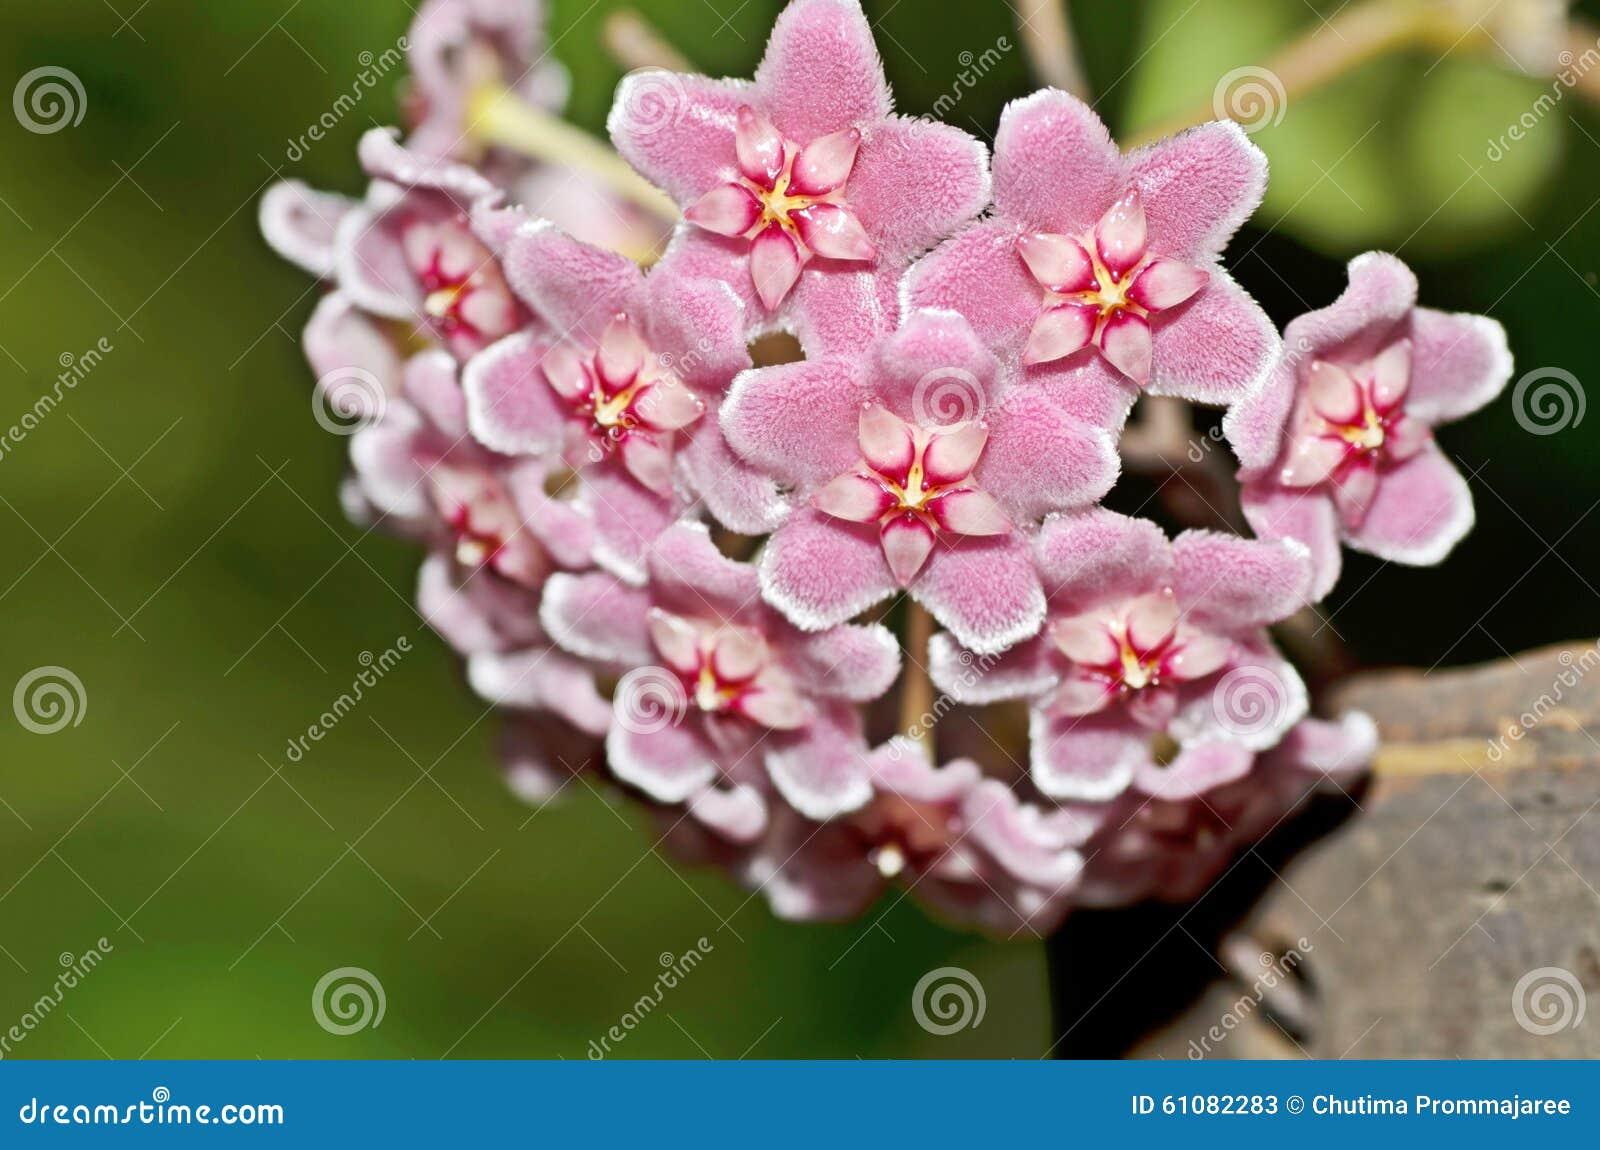 A flowery wax plant or Hoya